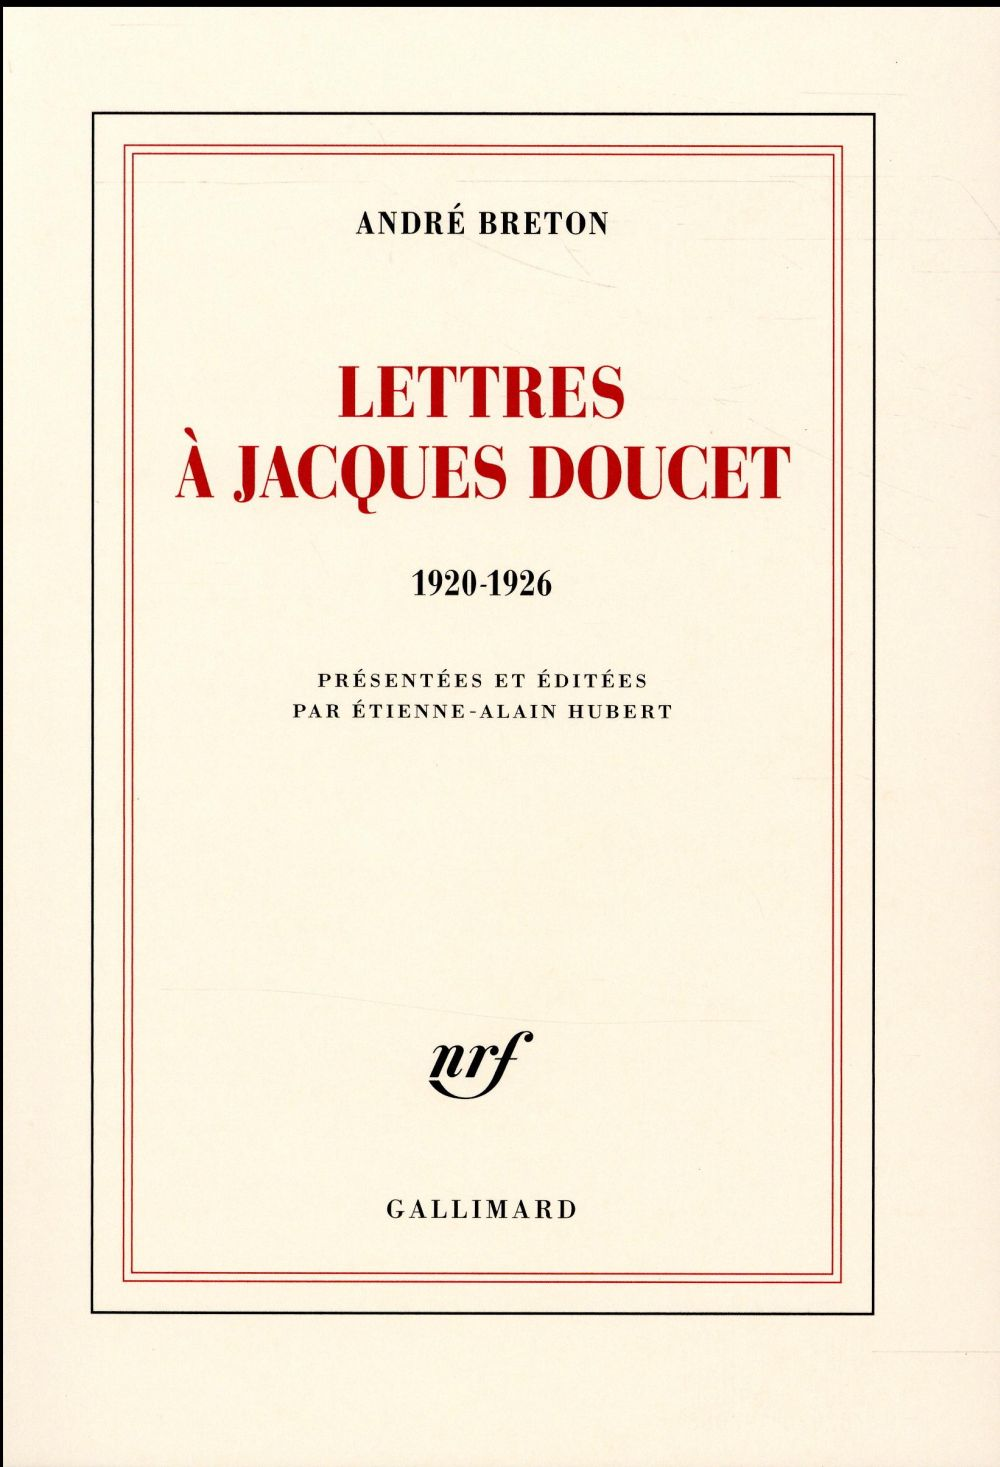 LETTRES A JACQUES DOUCET - (1920-1926)